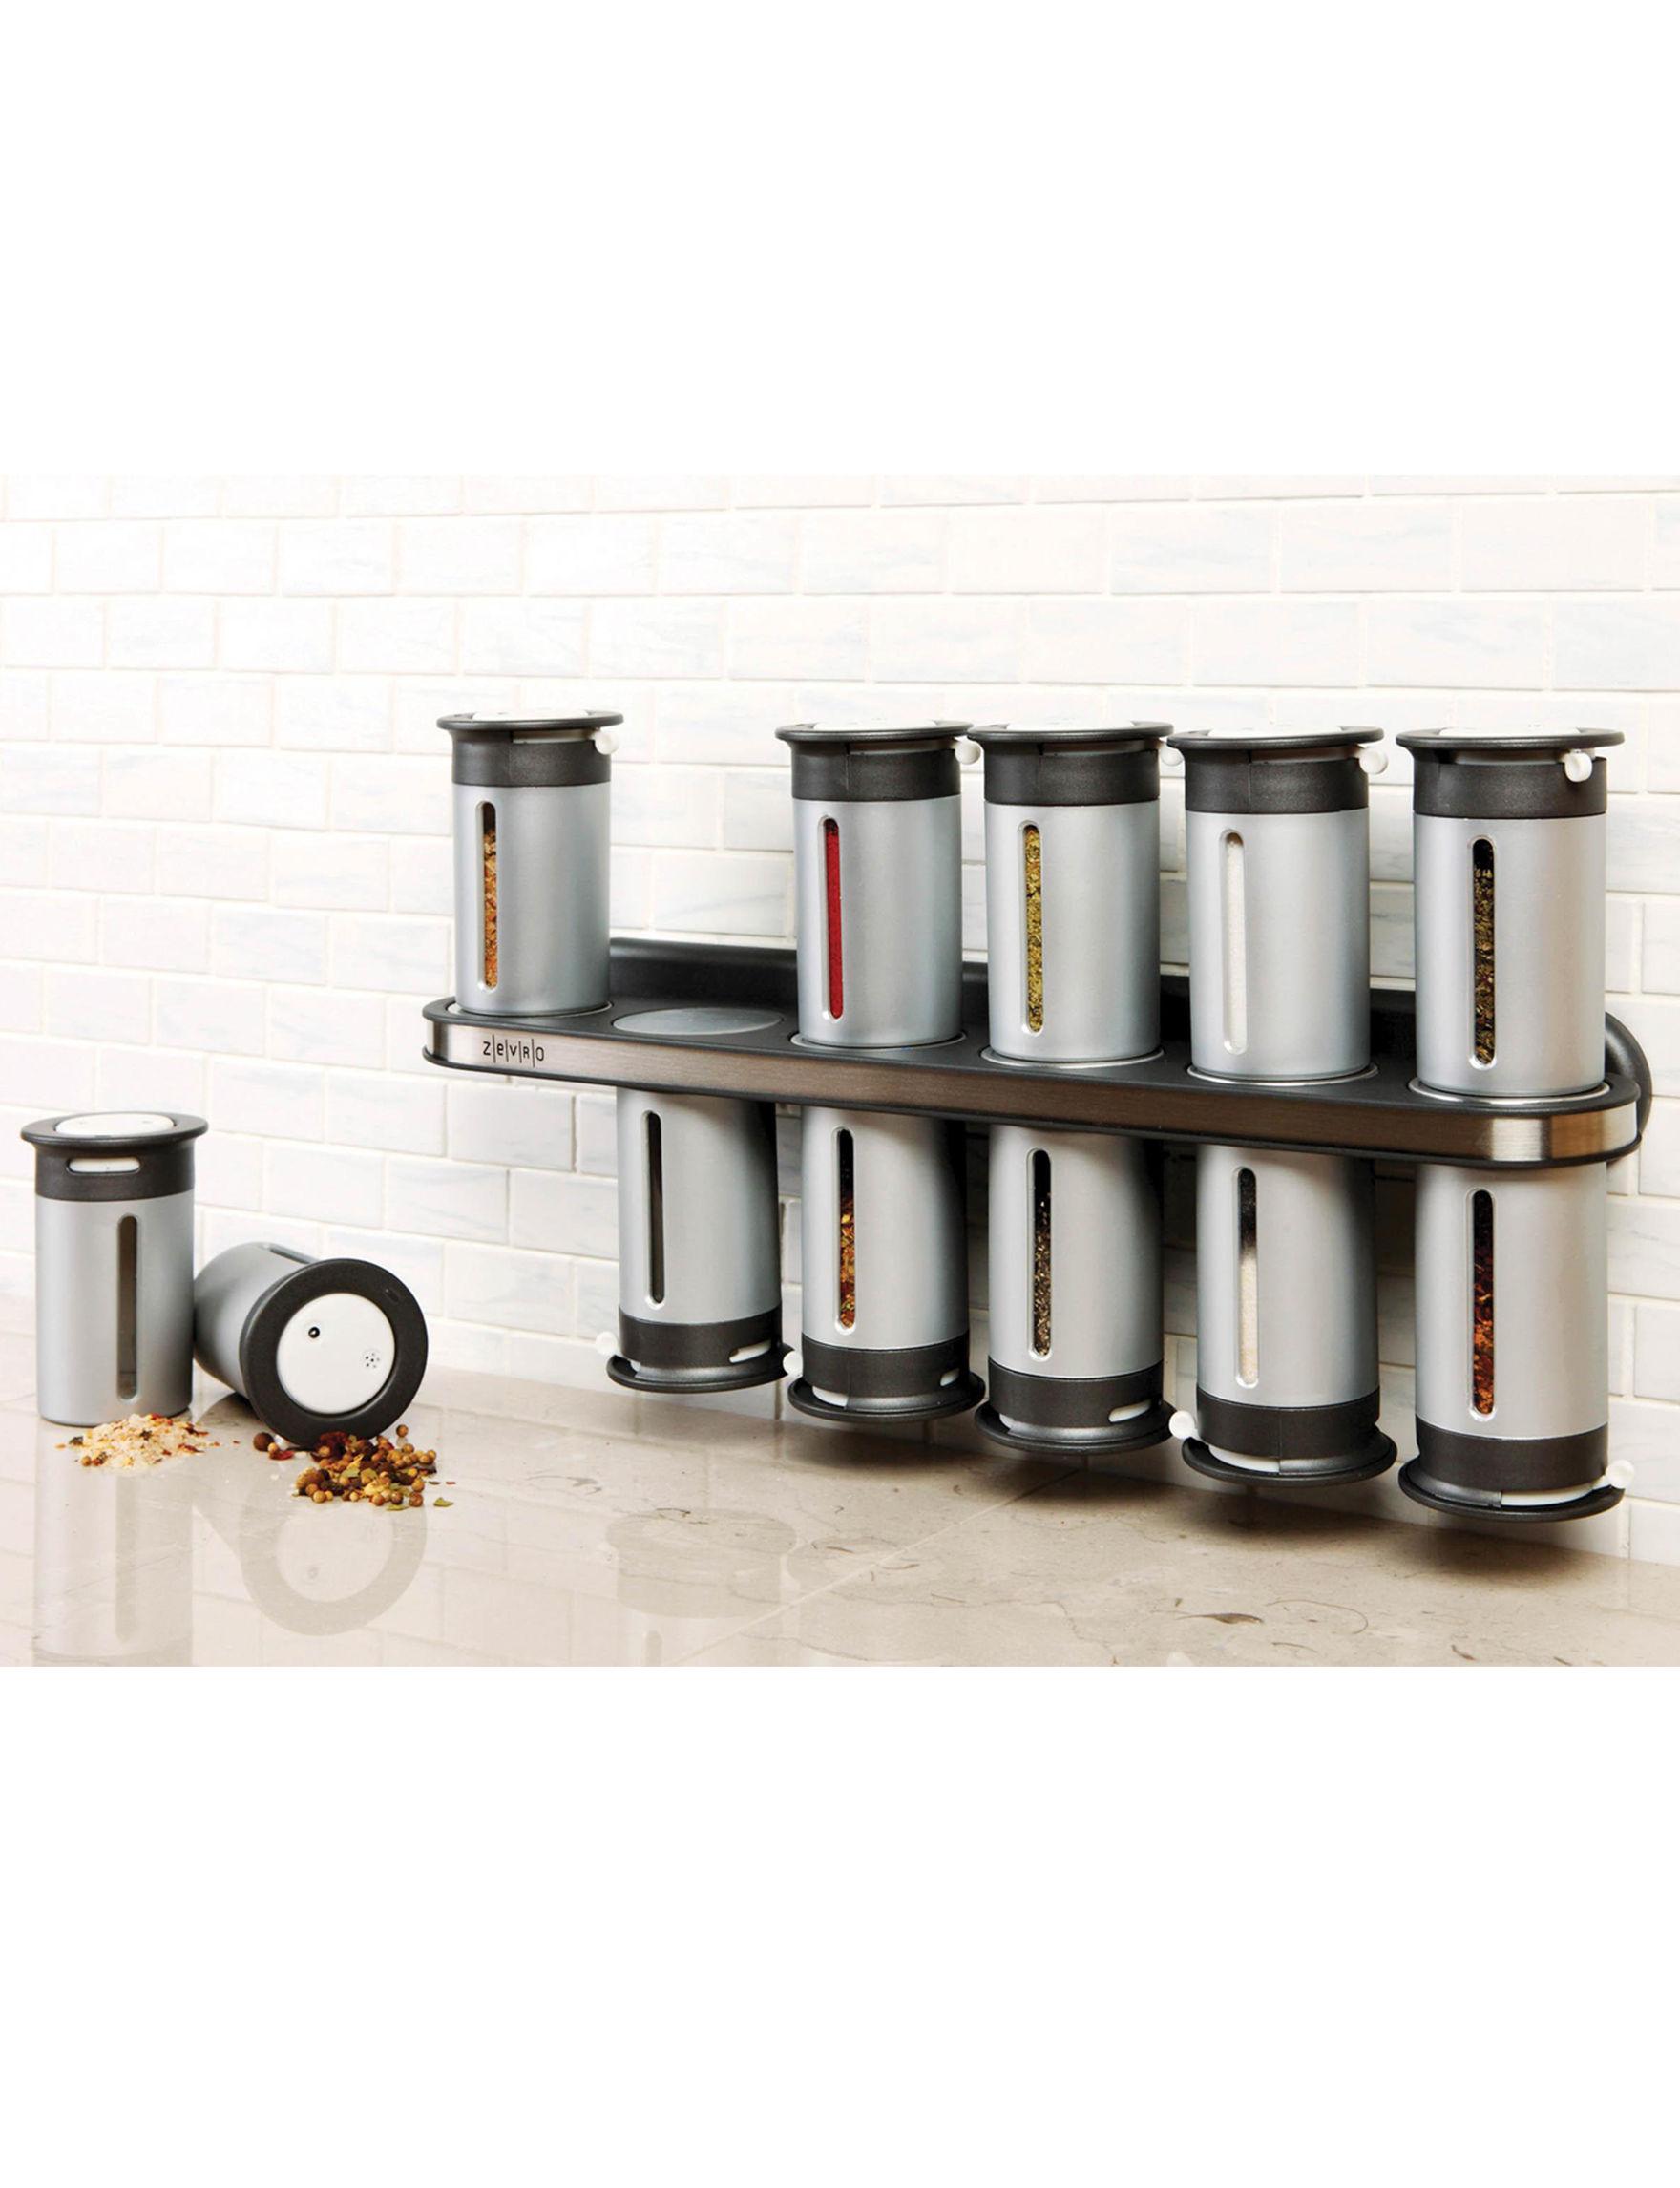 Honey-Can-Do International Metal Kitchen Storage & Organization